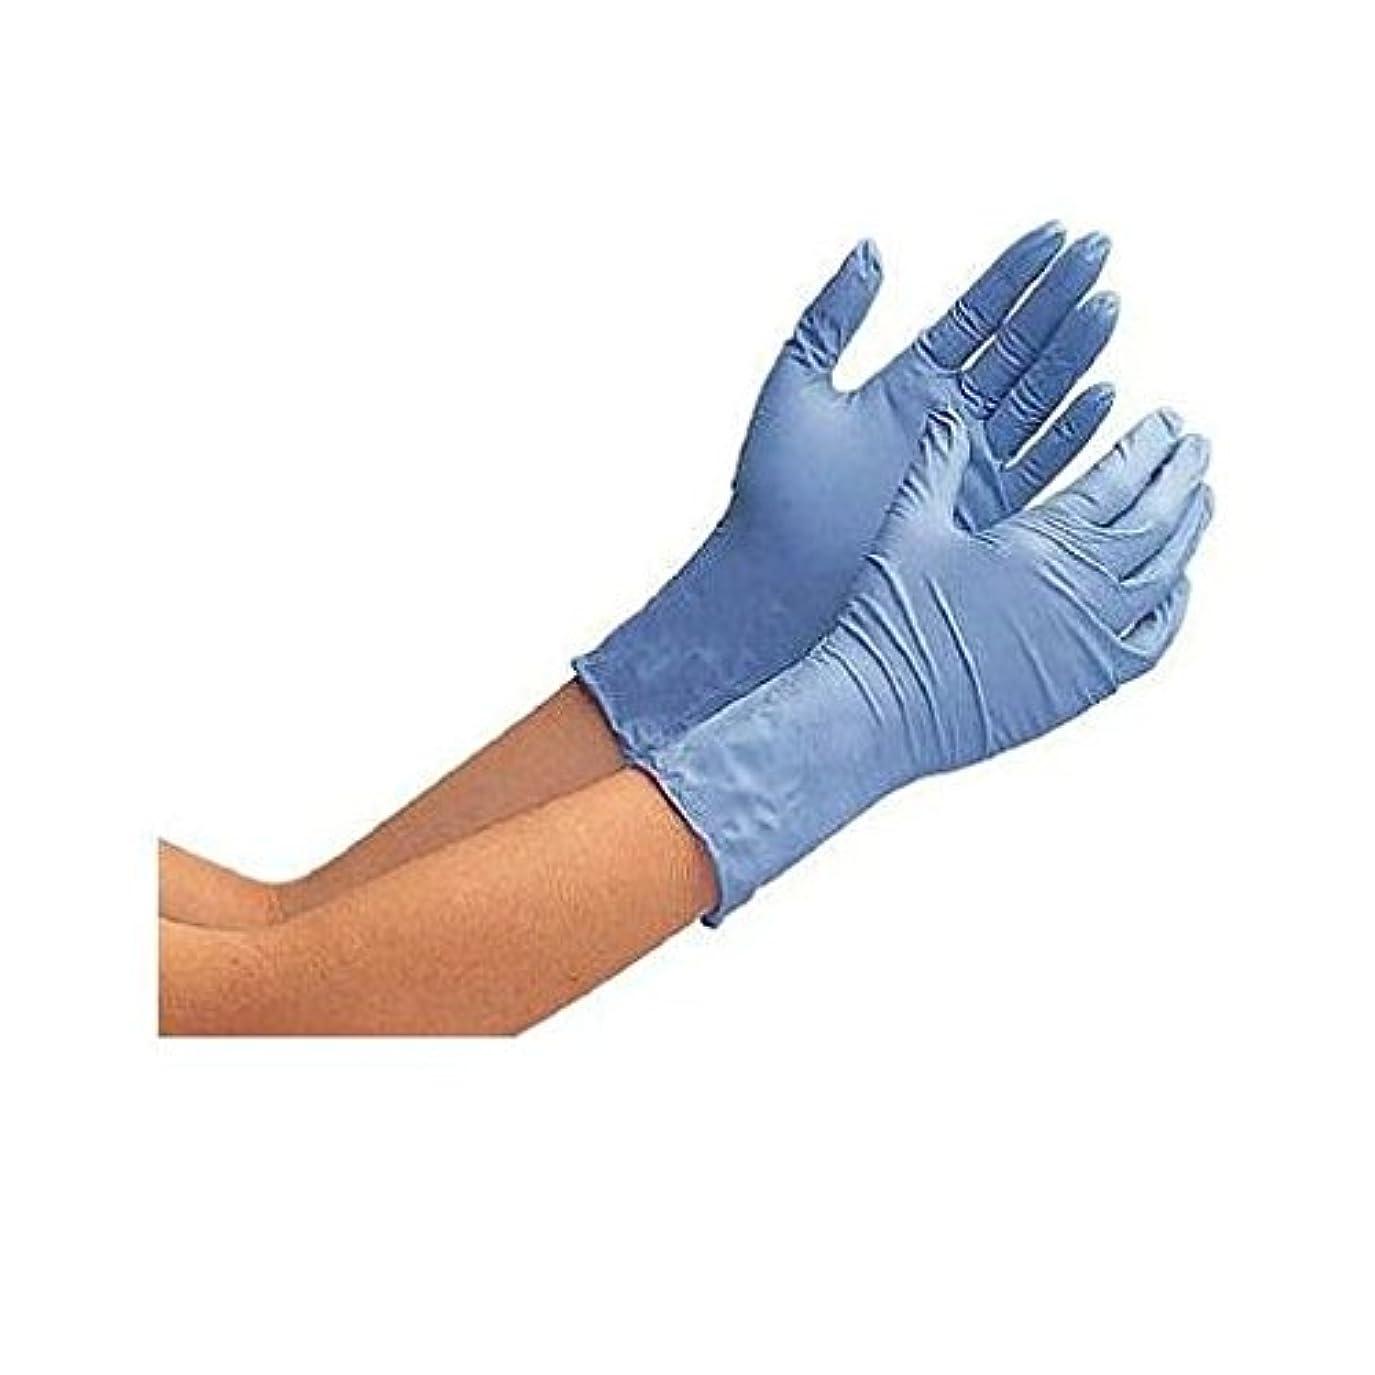 ルアー迷彩縁HV72339 ニトリル使い捨て手袋 厚手 粉なし 100枚入 青 LL